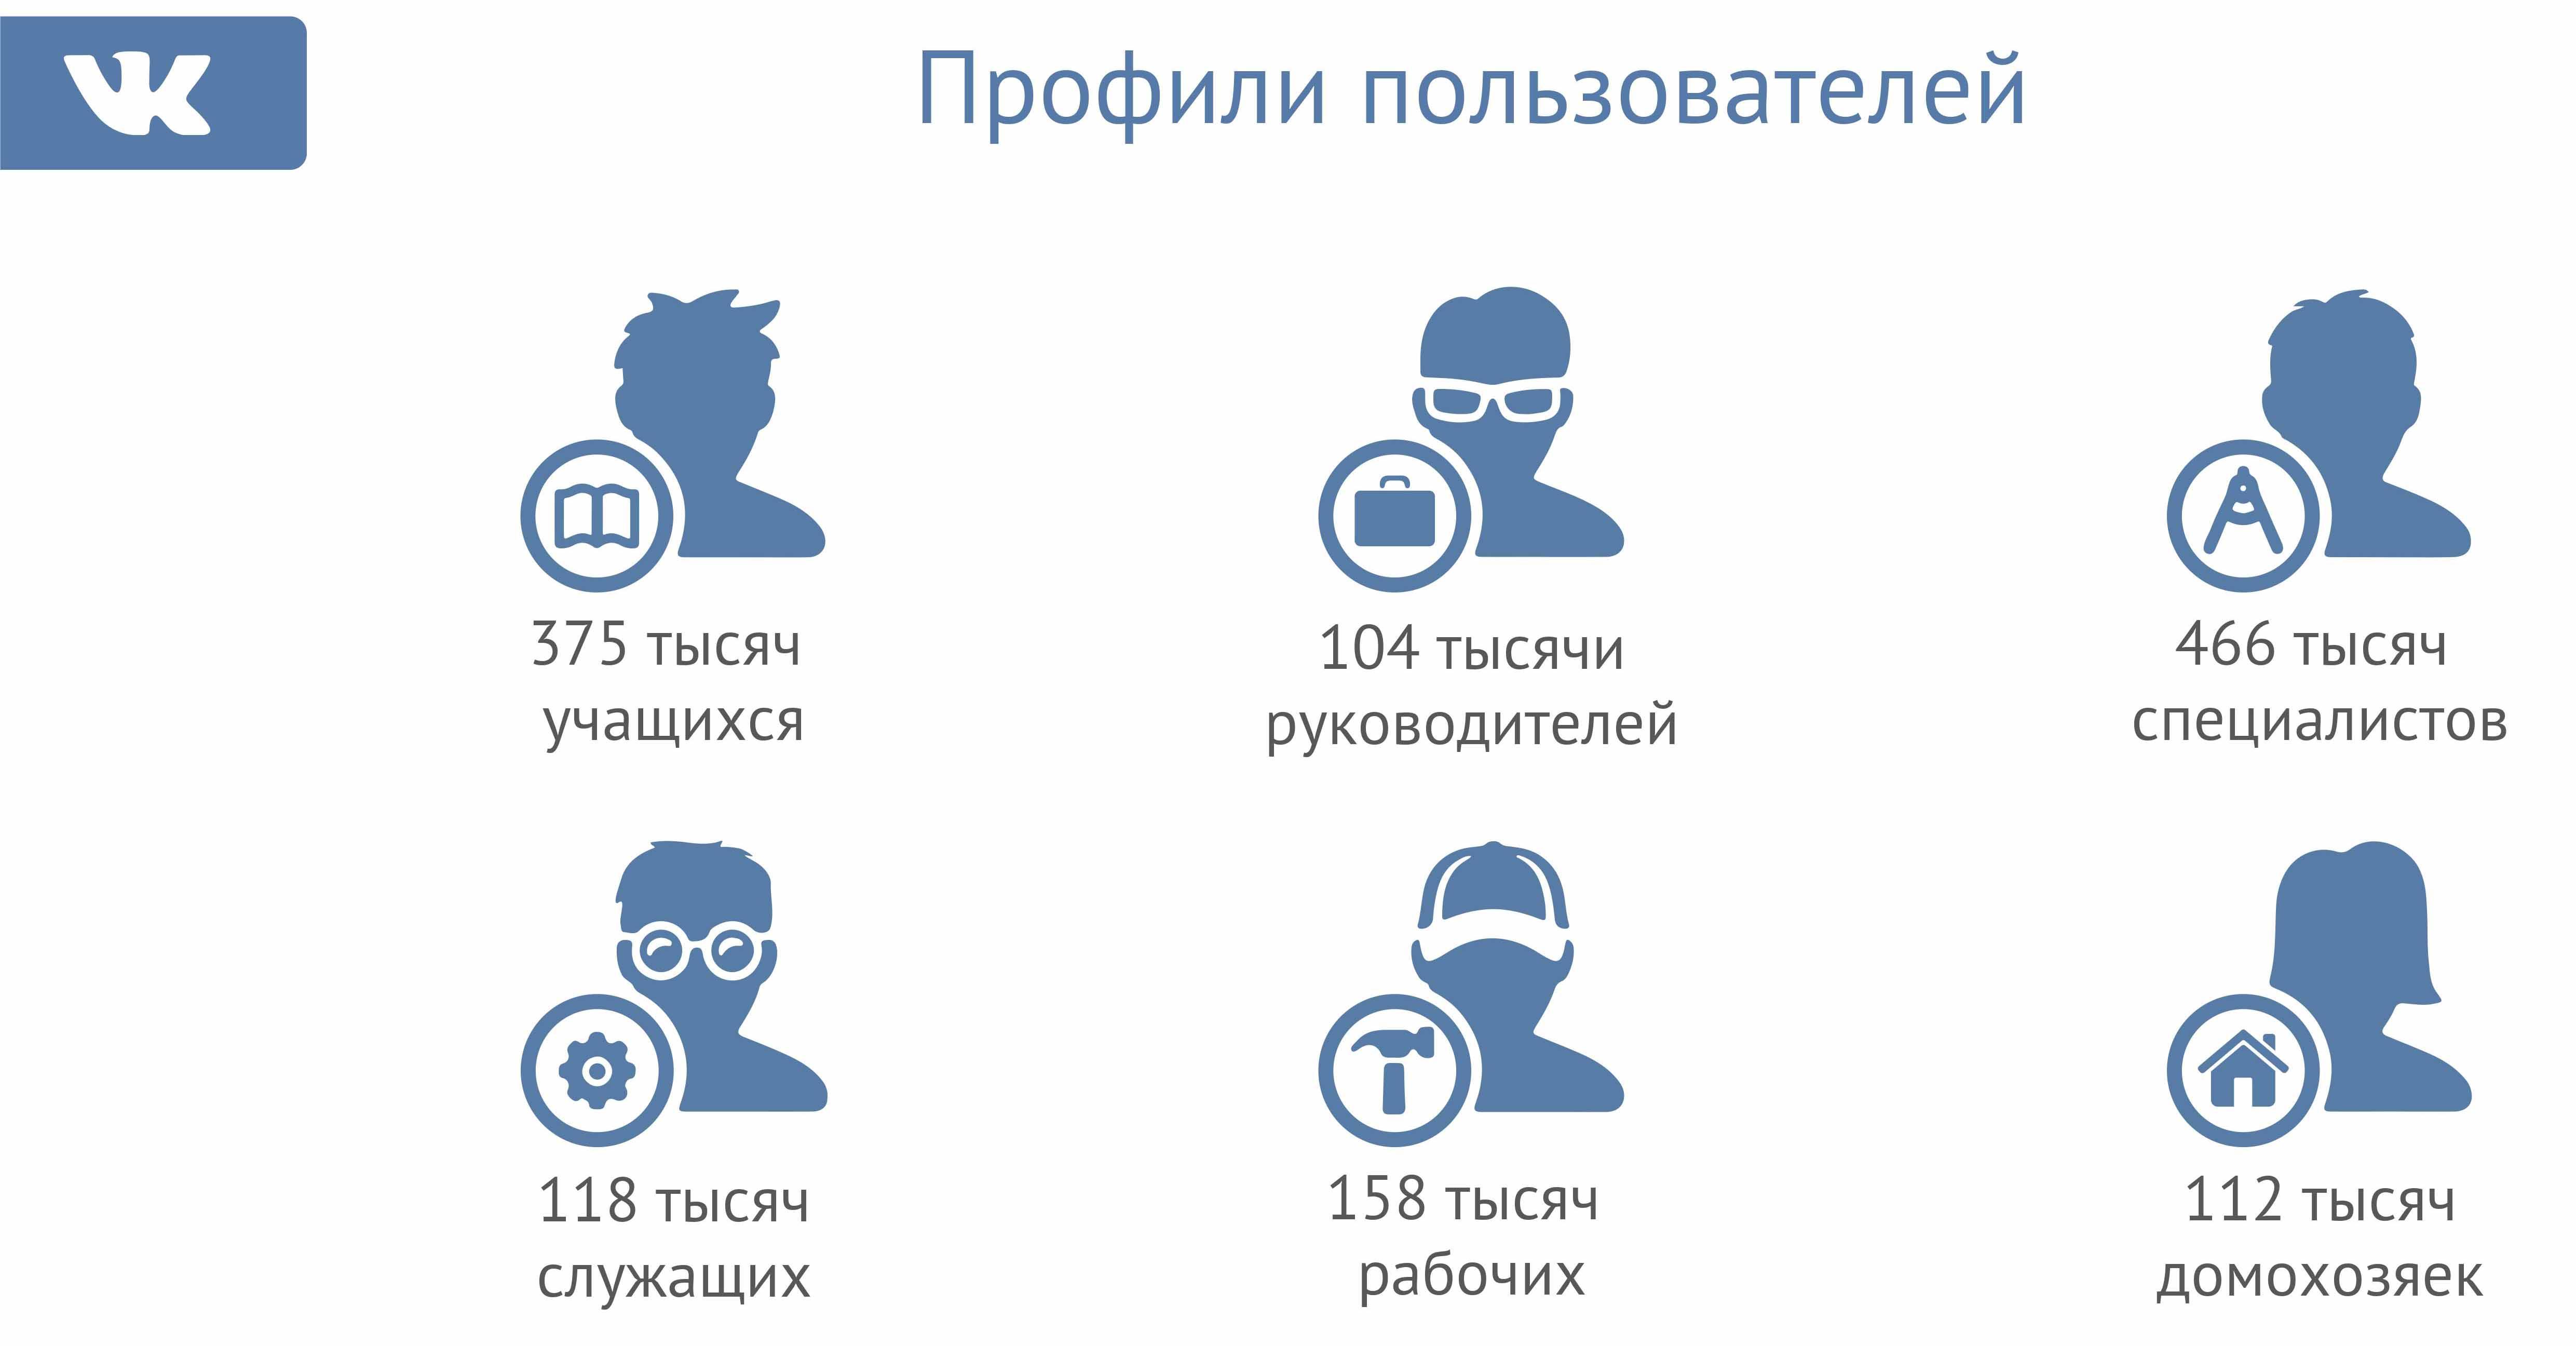 Профили пользователей доступных для рекламы вконтакте